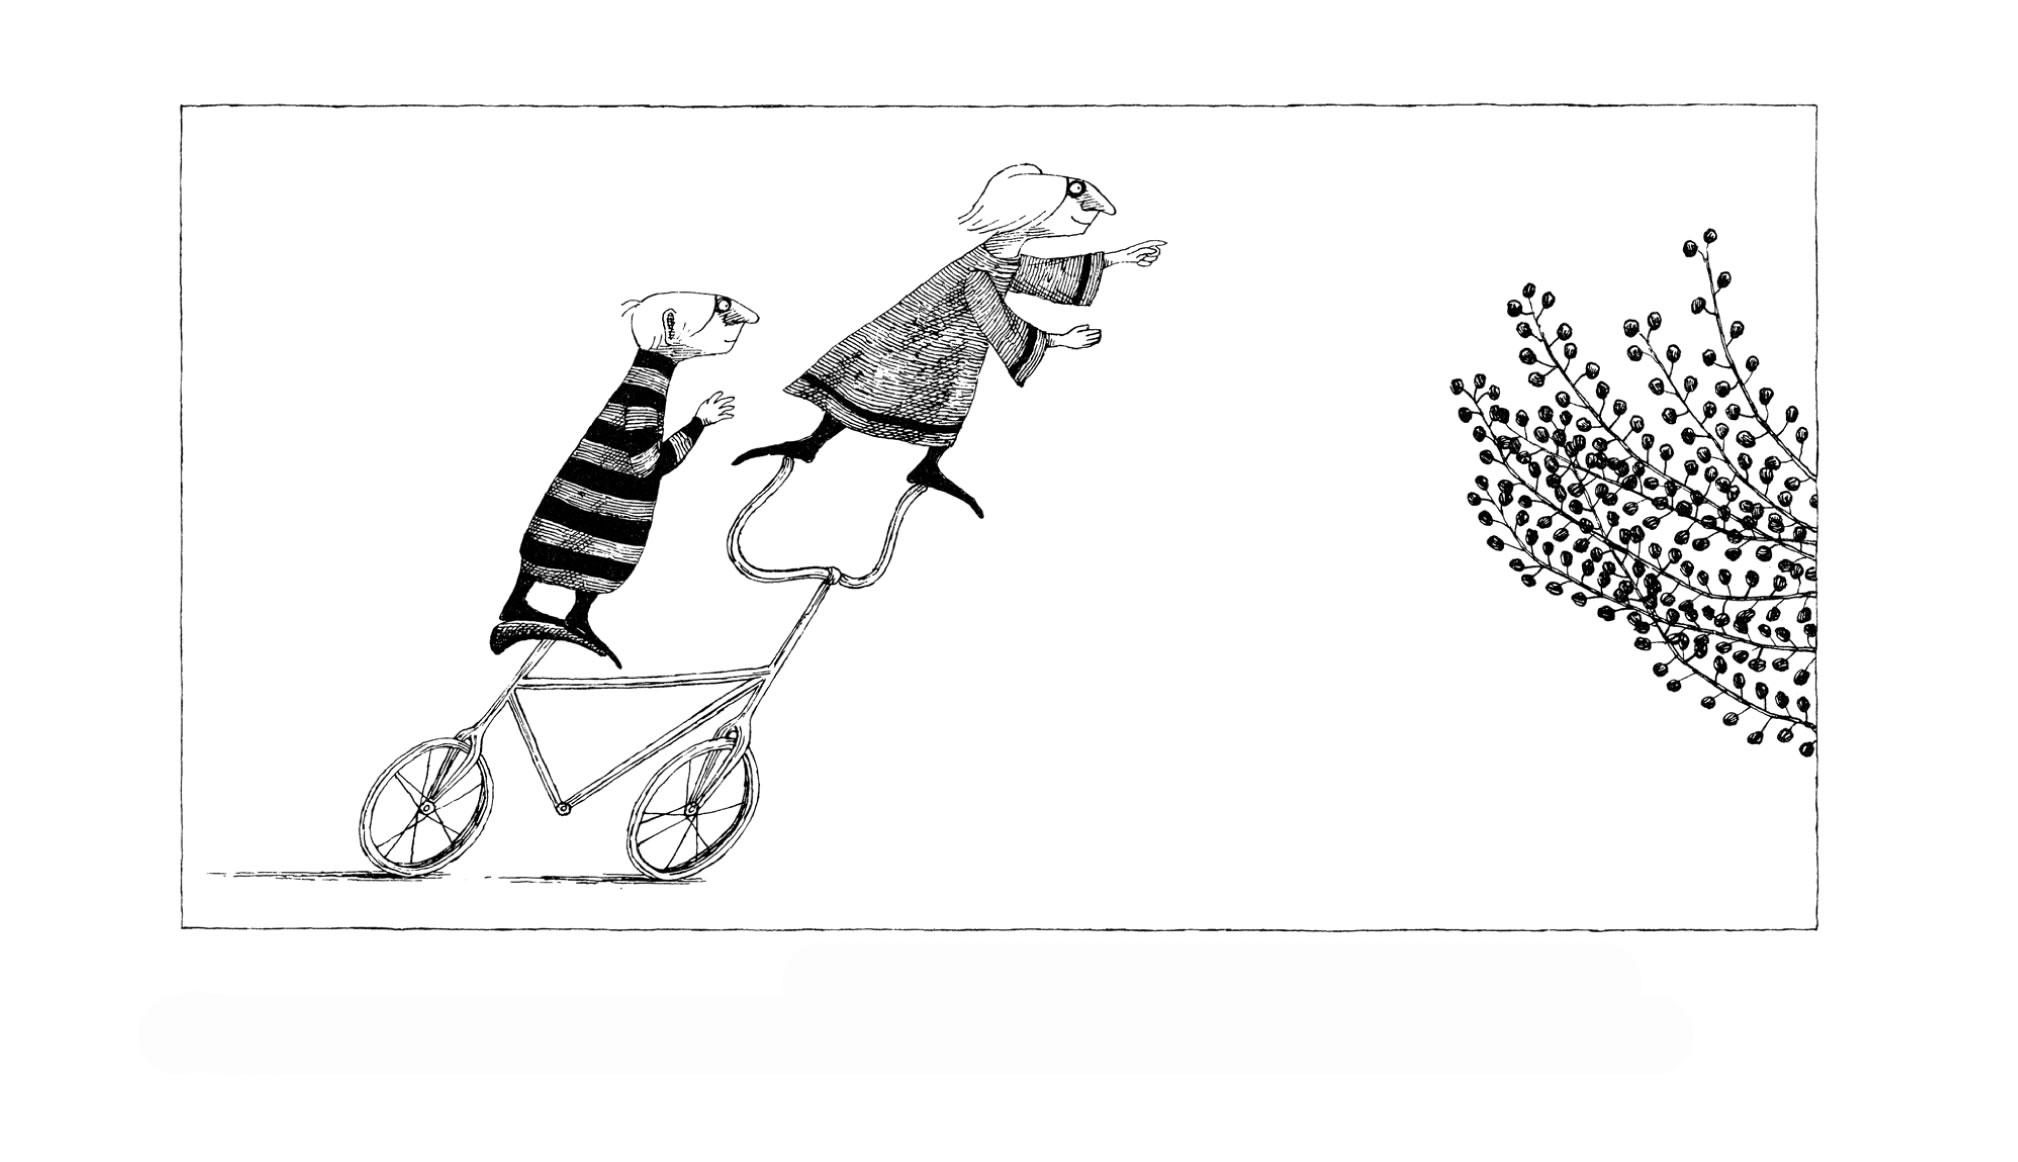 bicicleta-epipletica-02